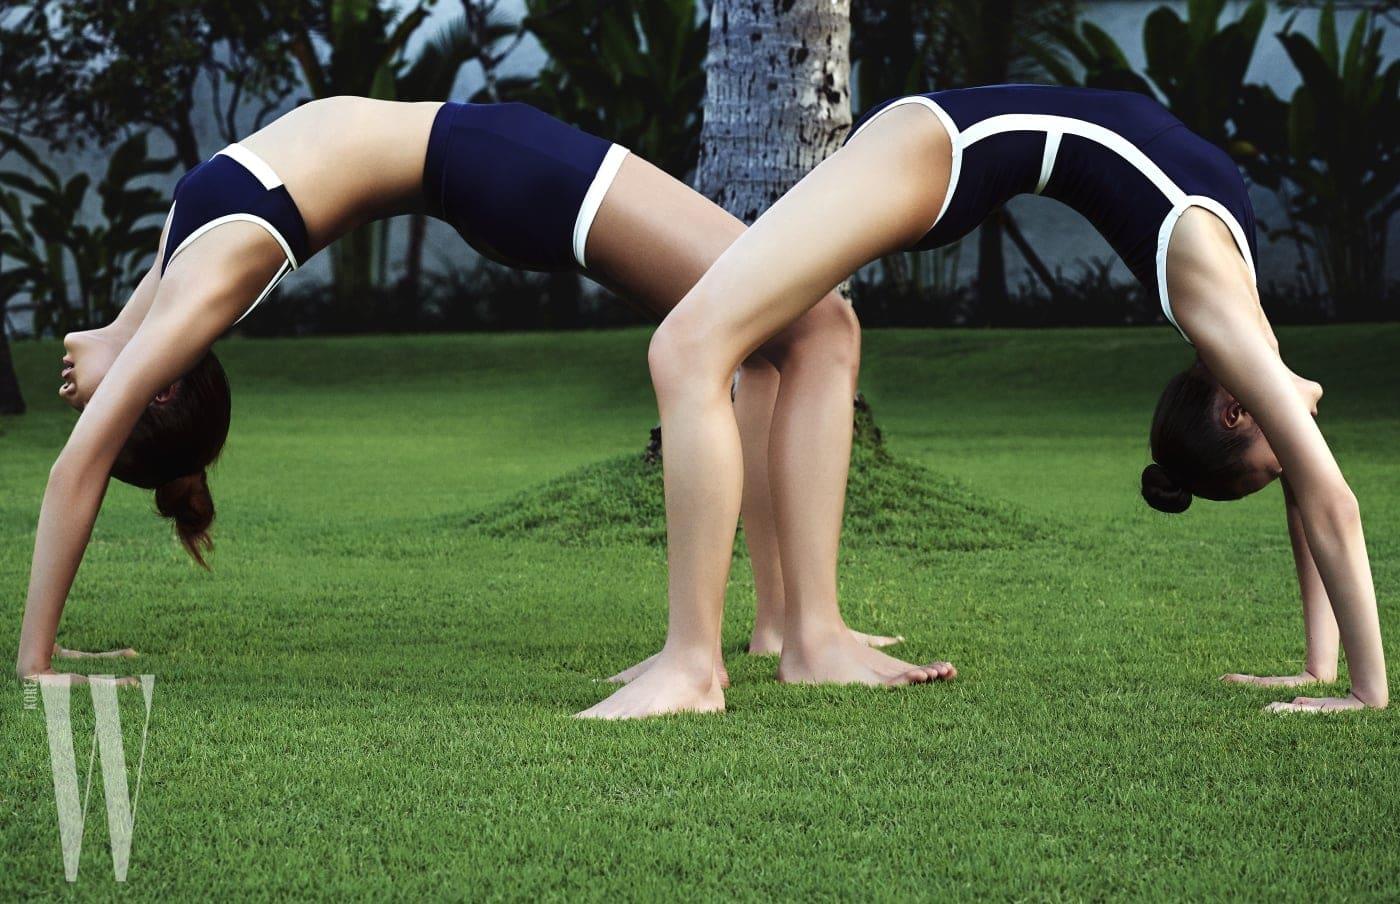 최아라가 입은 스포티한 브라톱과 쇼츠, 김설희가 입은 같은 컨셉의 원피스 수영복은 모두 Lebeige 제품.